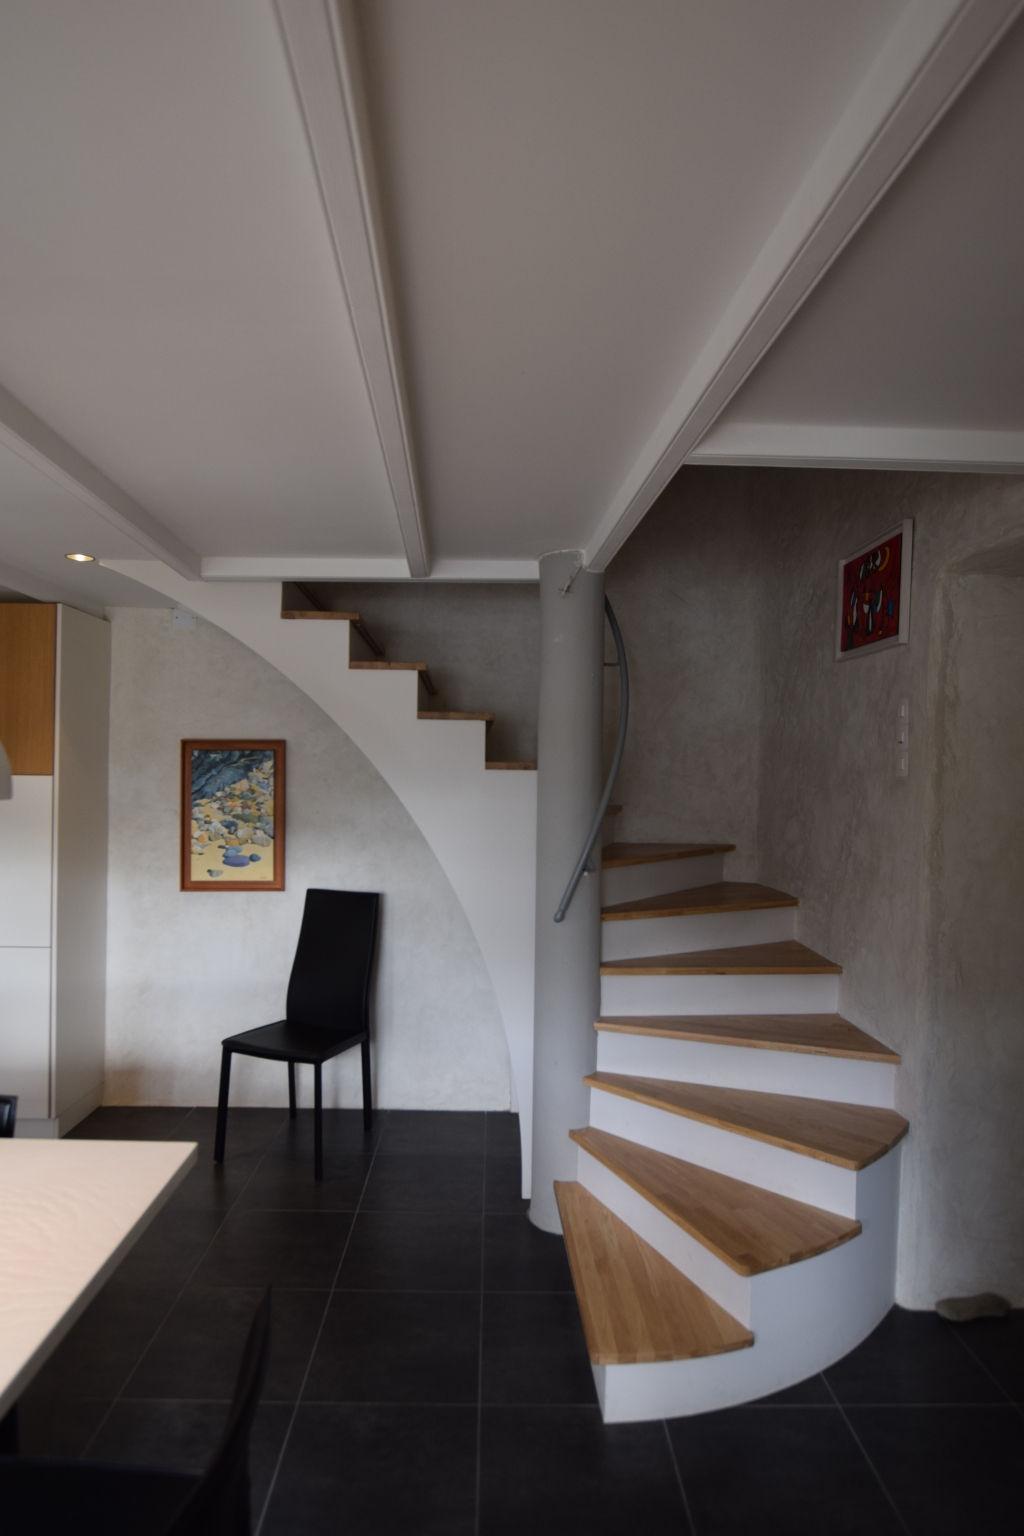 escalier moderne à brest au-conquet plouzané le relecq-kerhuon plougastel guipavas saint-renan dans le finistère